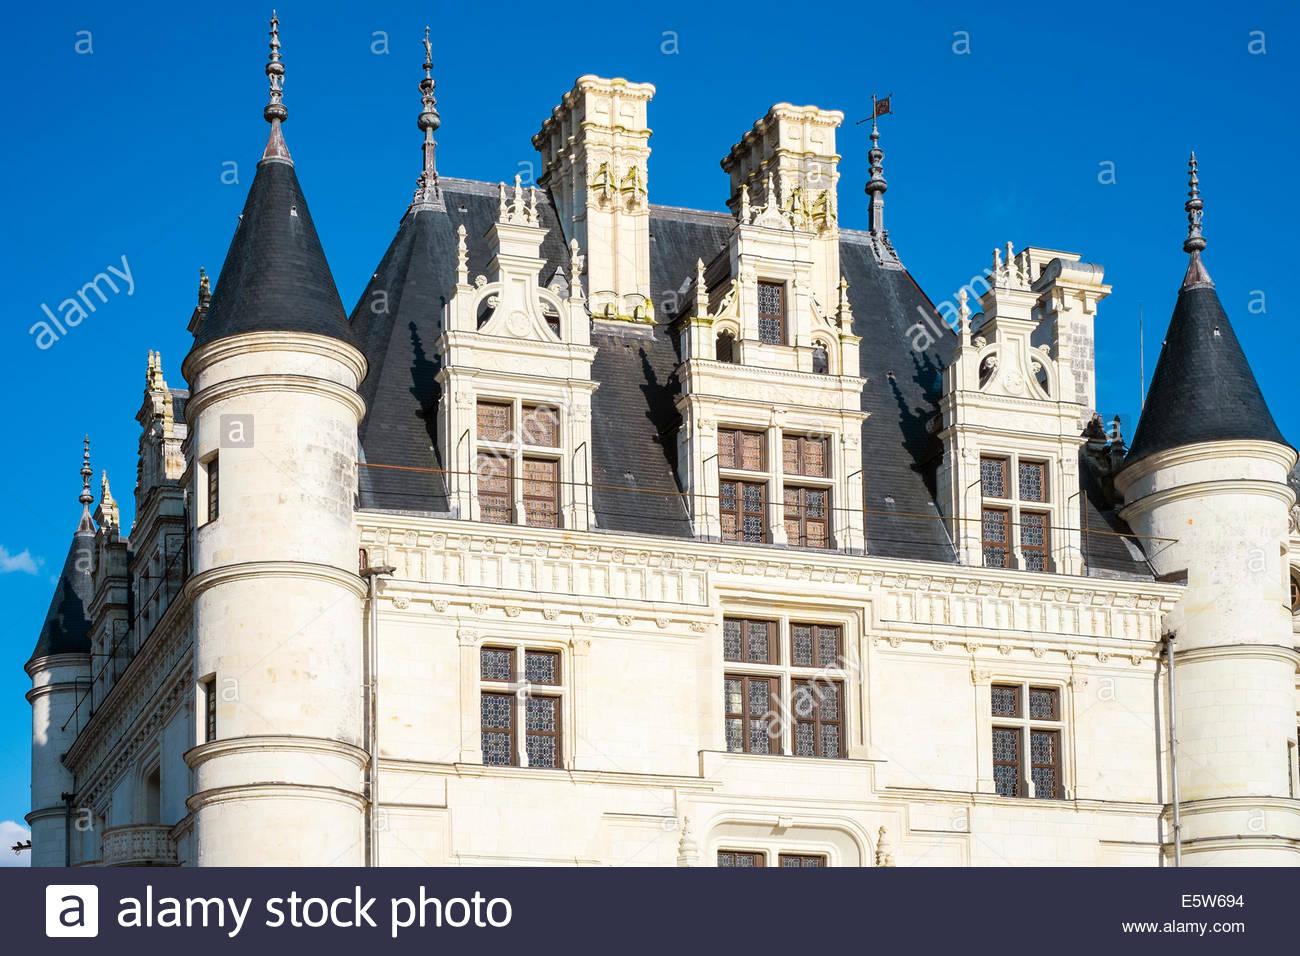 Detalle del castillo Château de Chenonceau, Chenonceaux, Indre-et-Loire, Centro, Francia Imagen De Stock